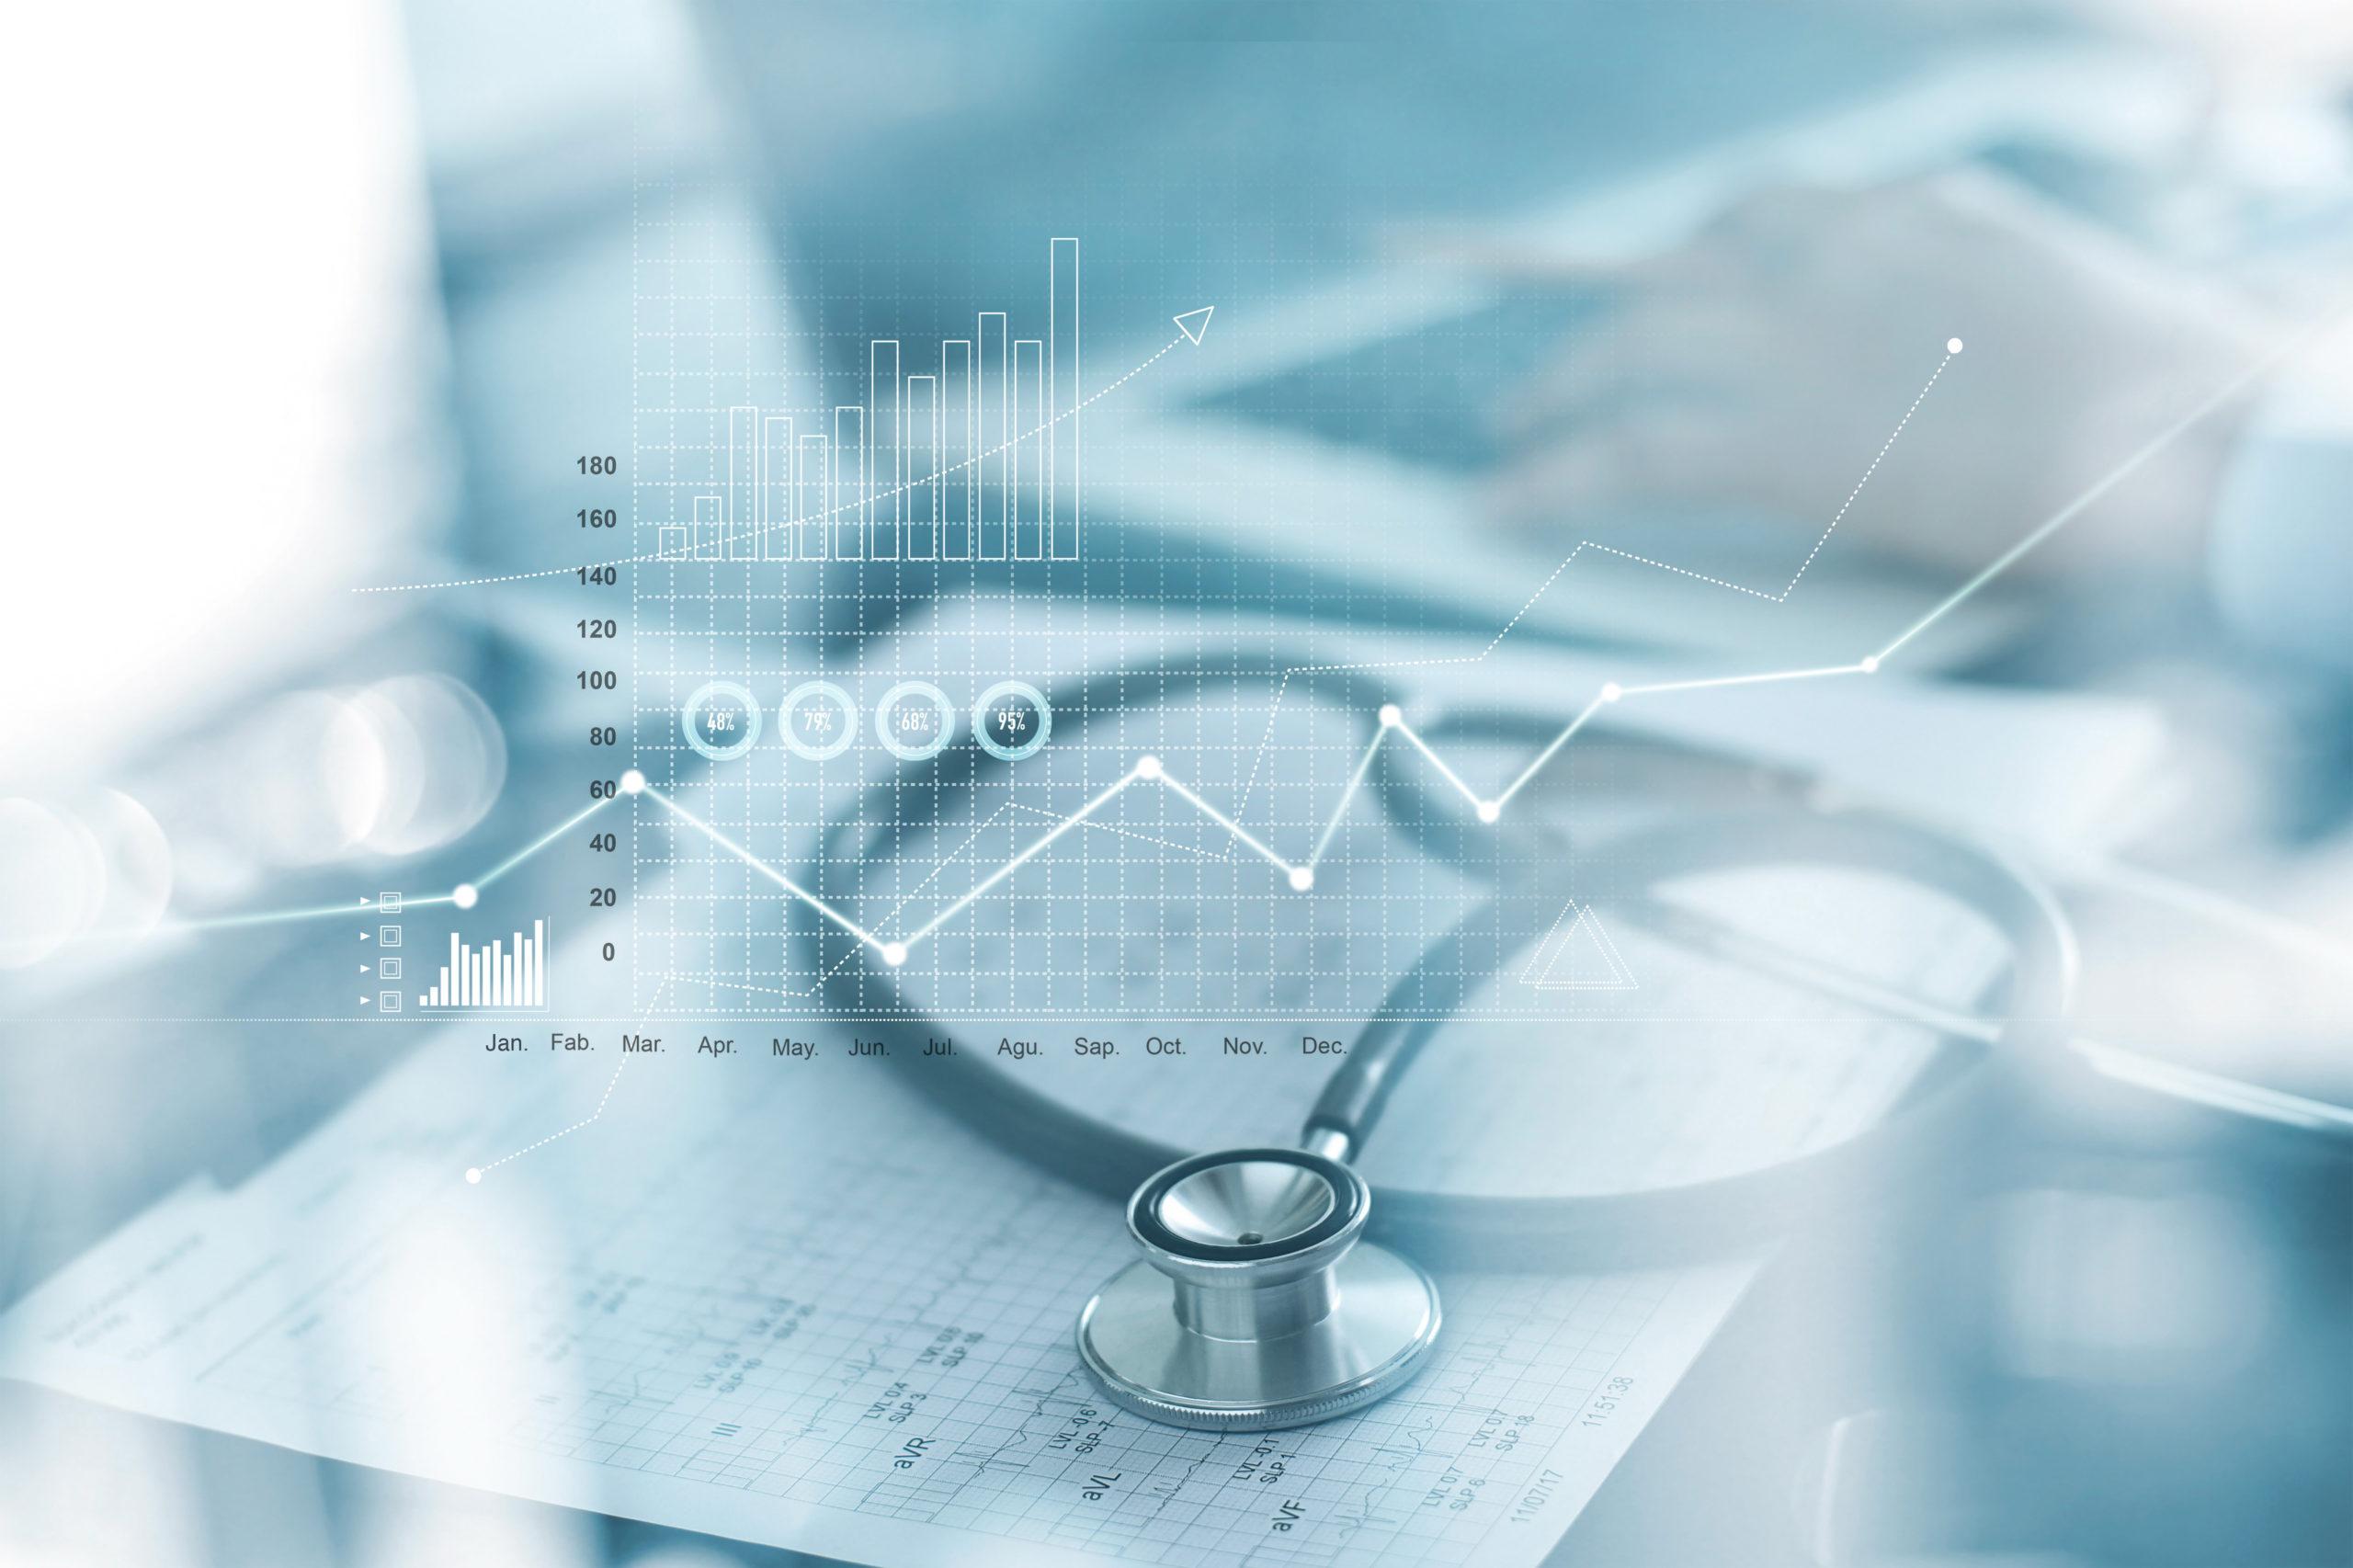 Healthcare Business Graph und Medizinische Untersuchung und Geschäftsmann Analyse von Daten und Wachstum Diagramm auf unscharfem Hintergrund